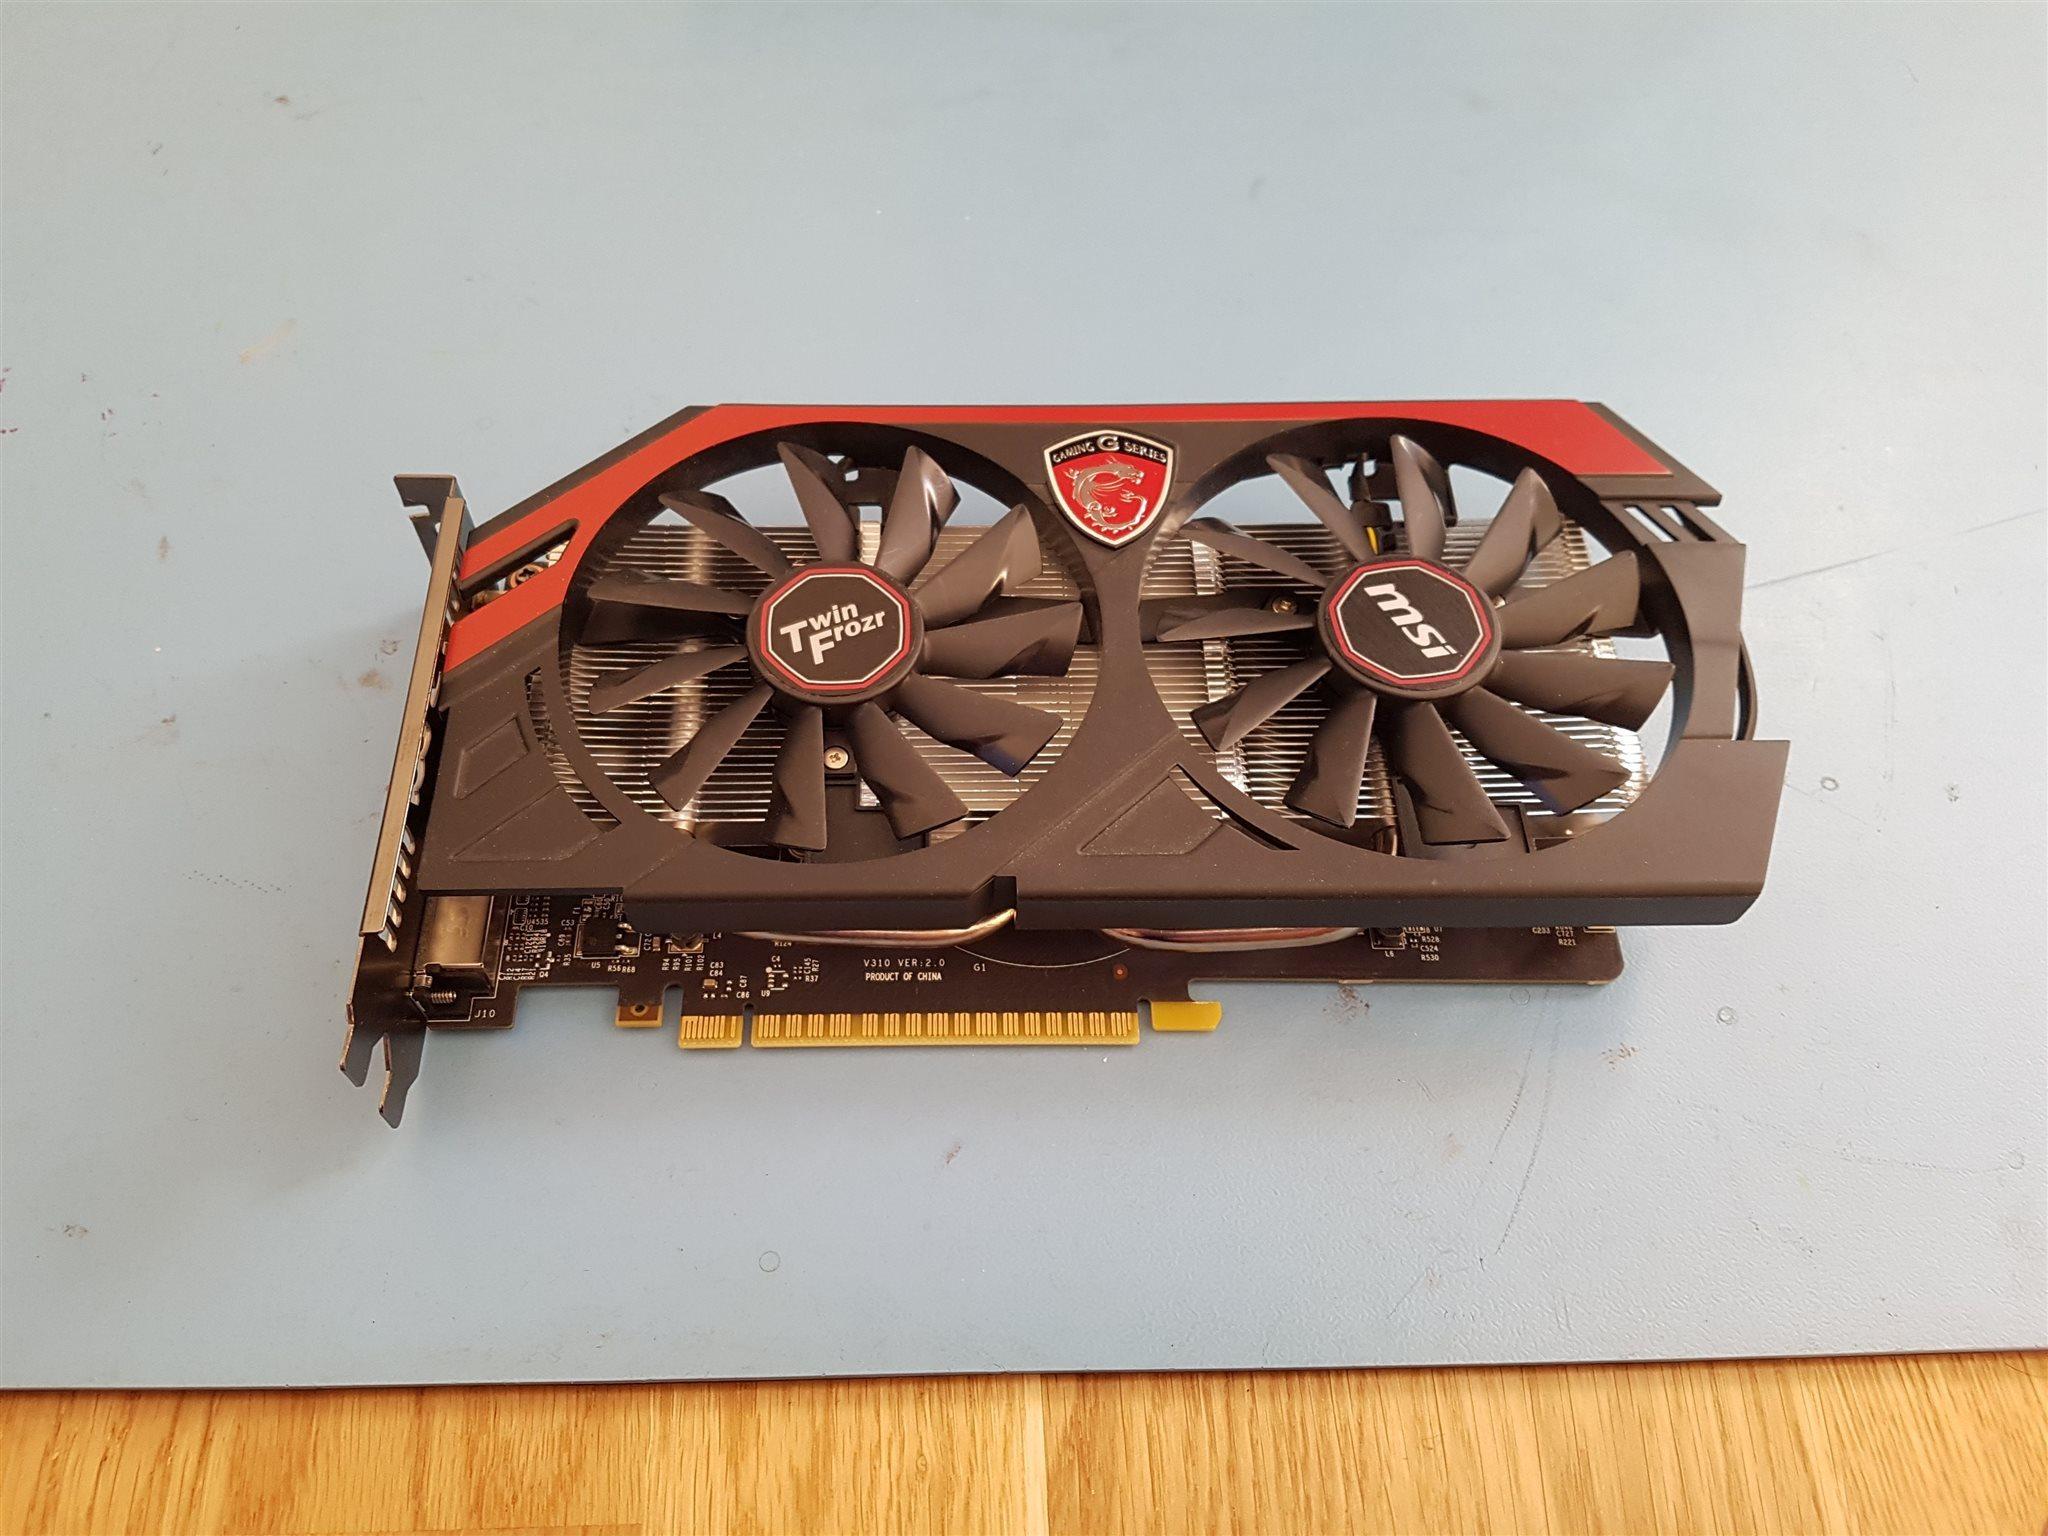 Msi Geforce Gtx 750 Ti Twin Frozr Oc 2gb 325287790 Kp P Tradera Gaming